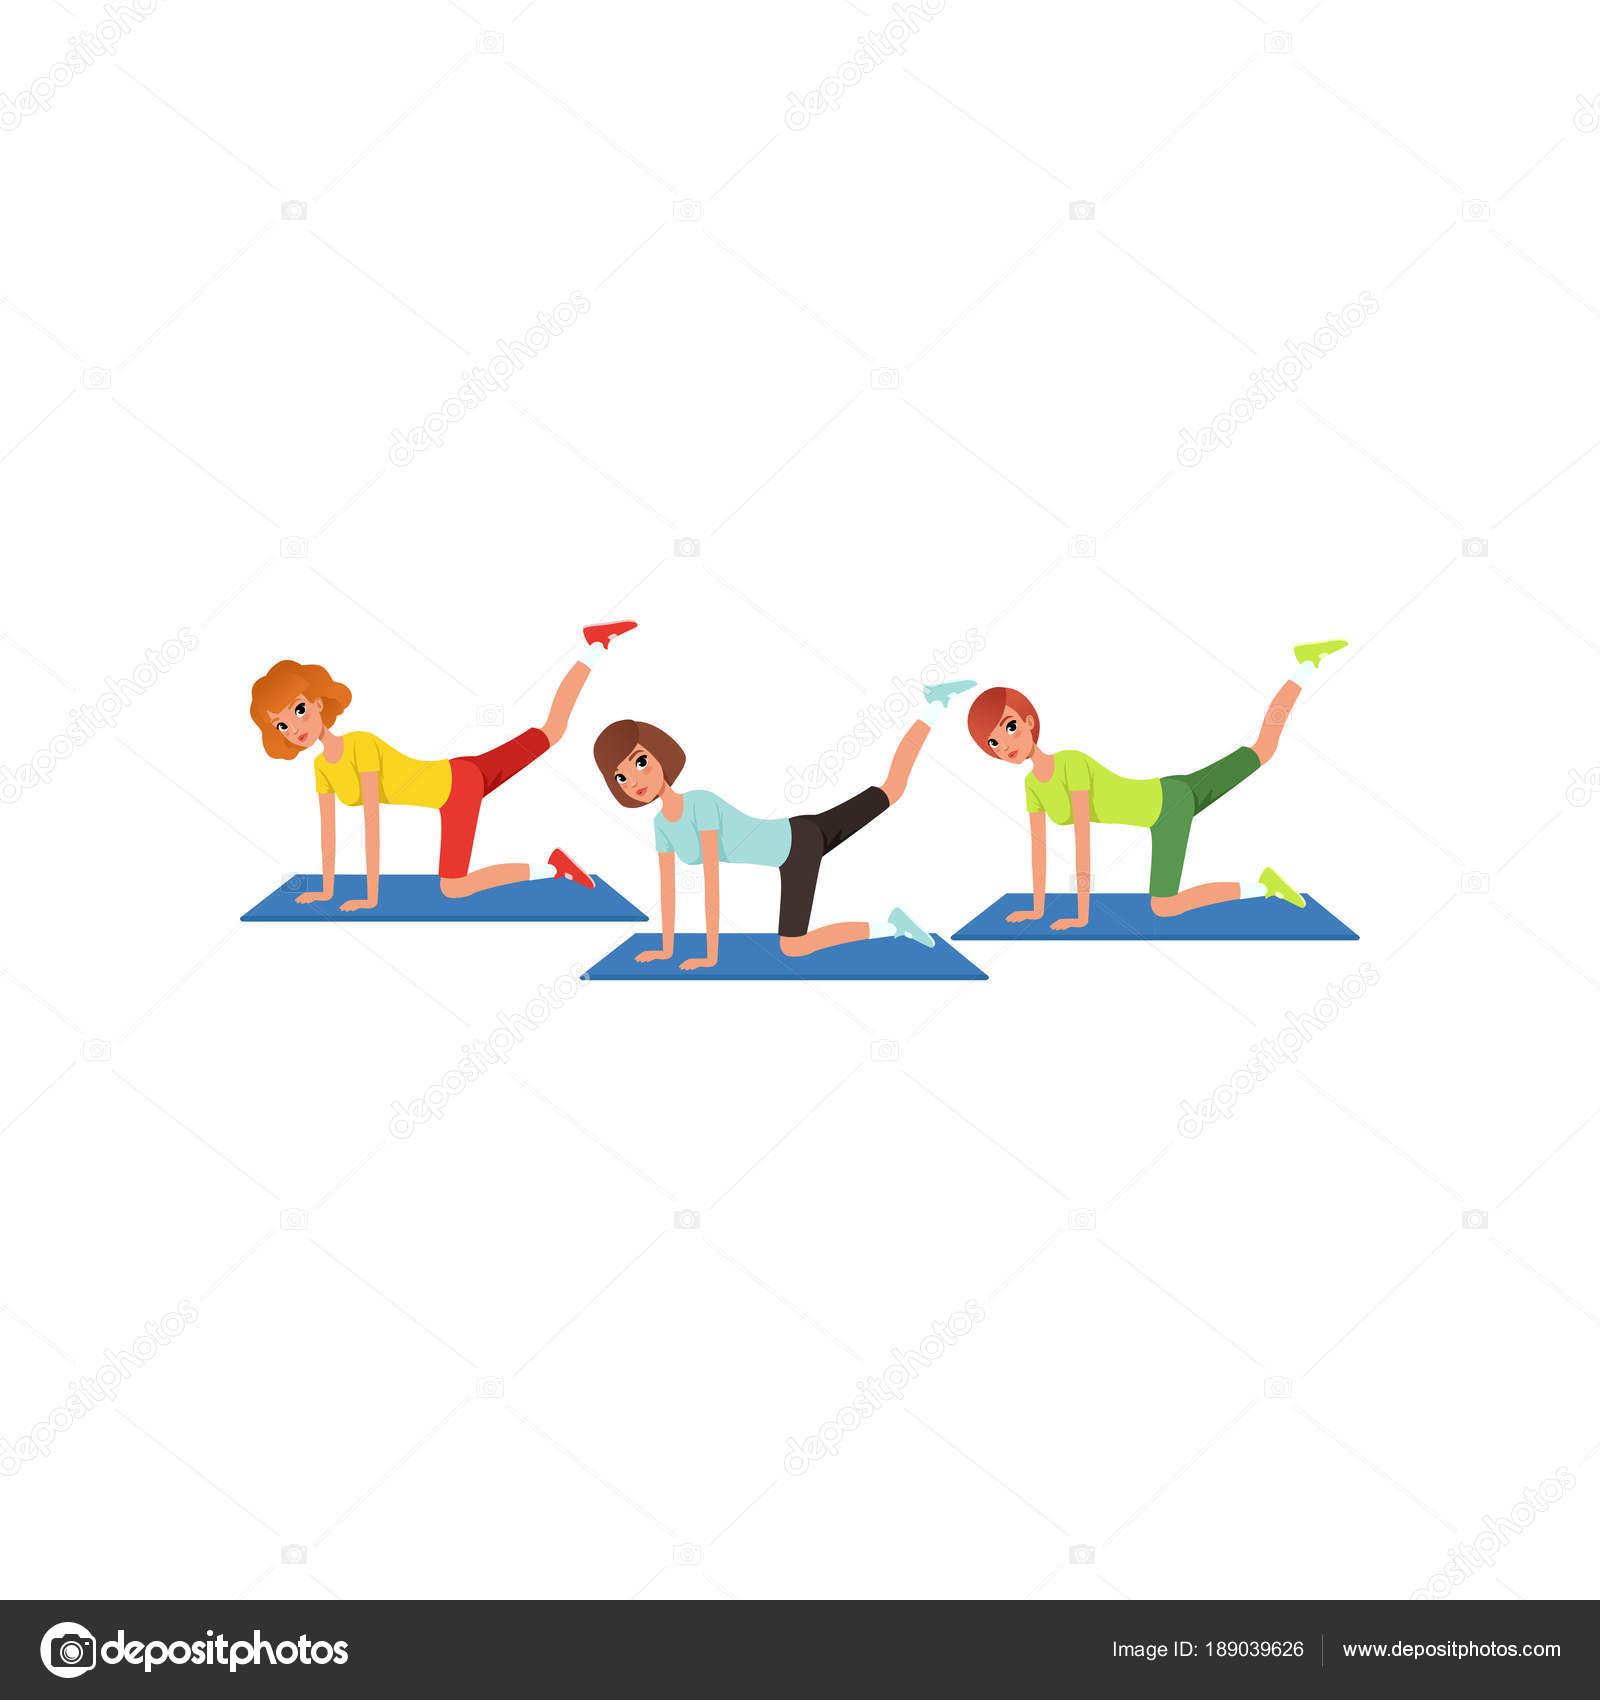 Drei Frauen Bein Schaukeln Training Zu Tun Cartoon Menschen In